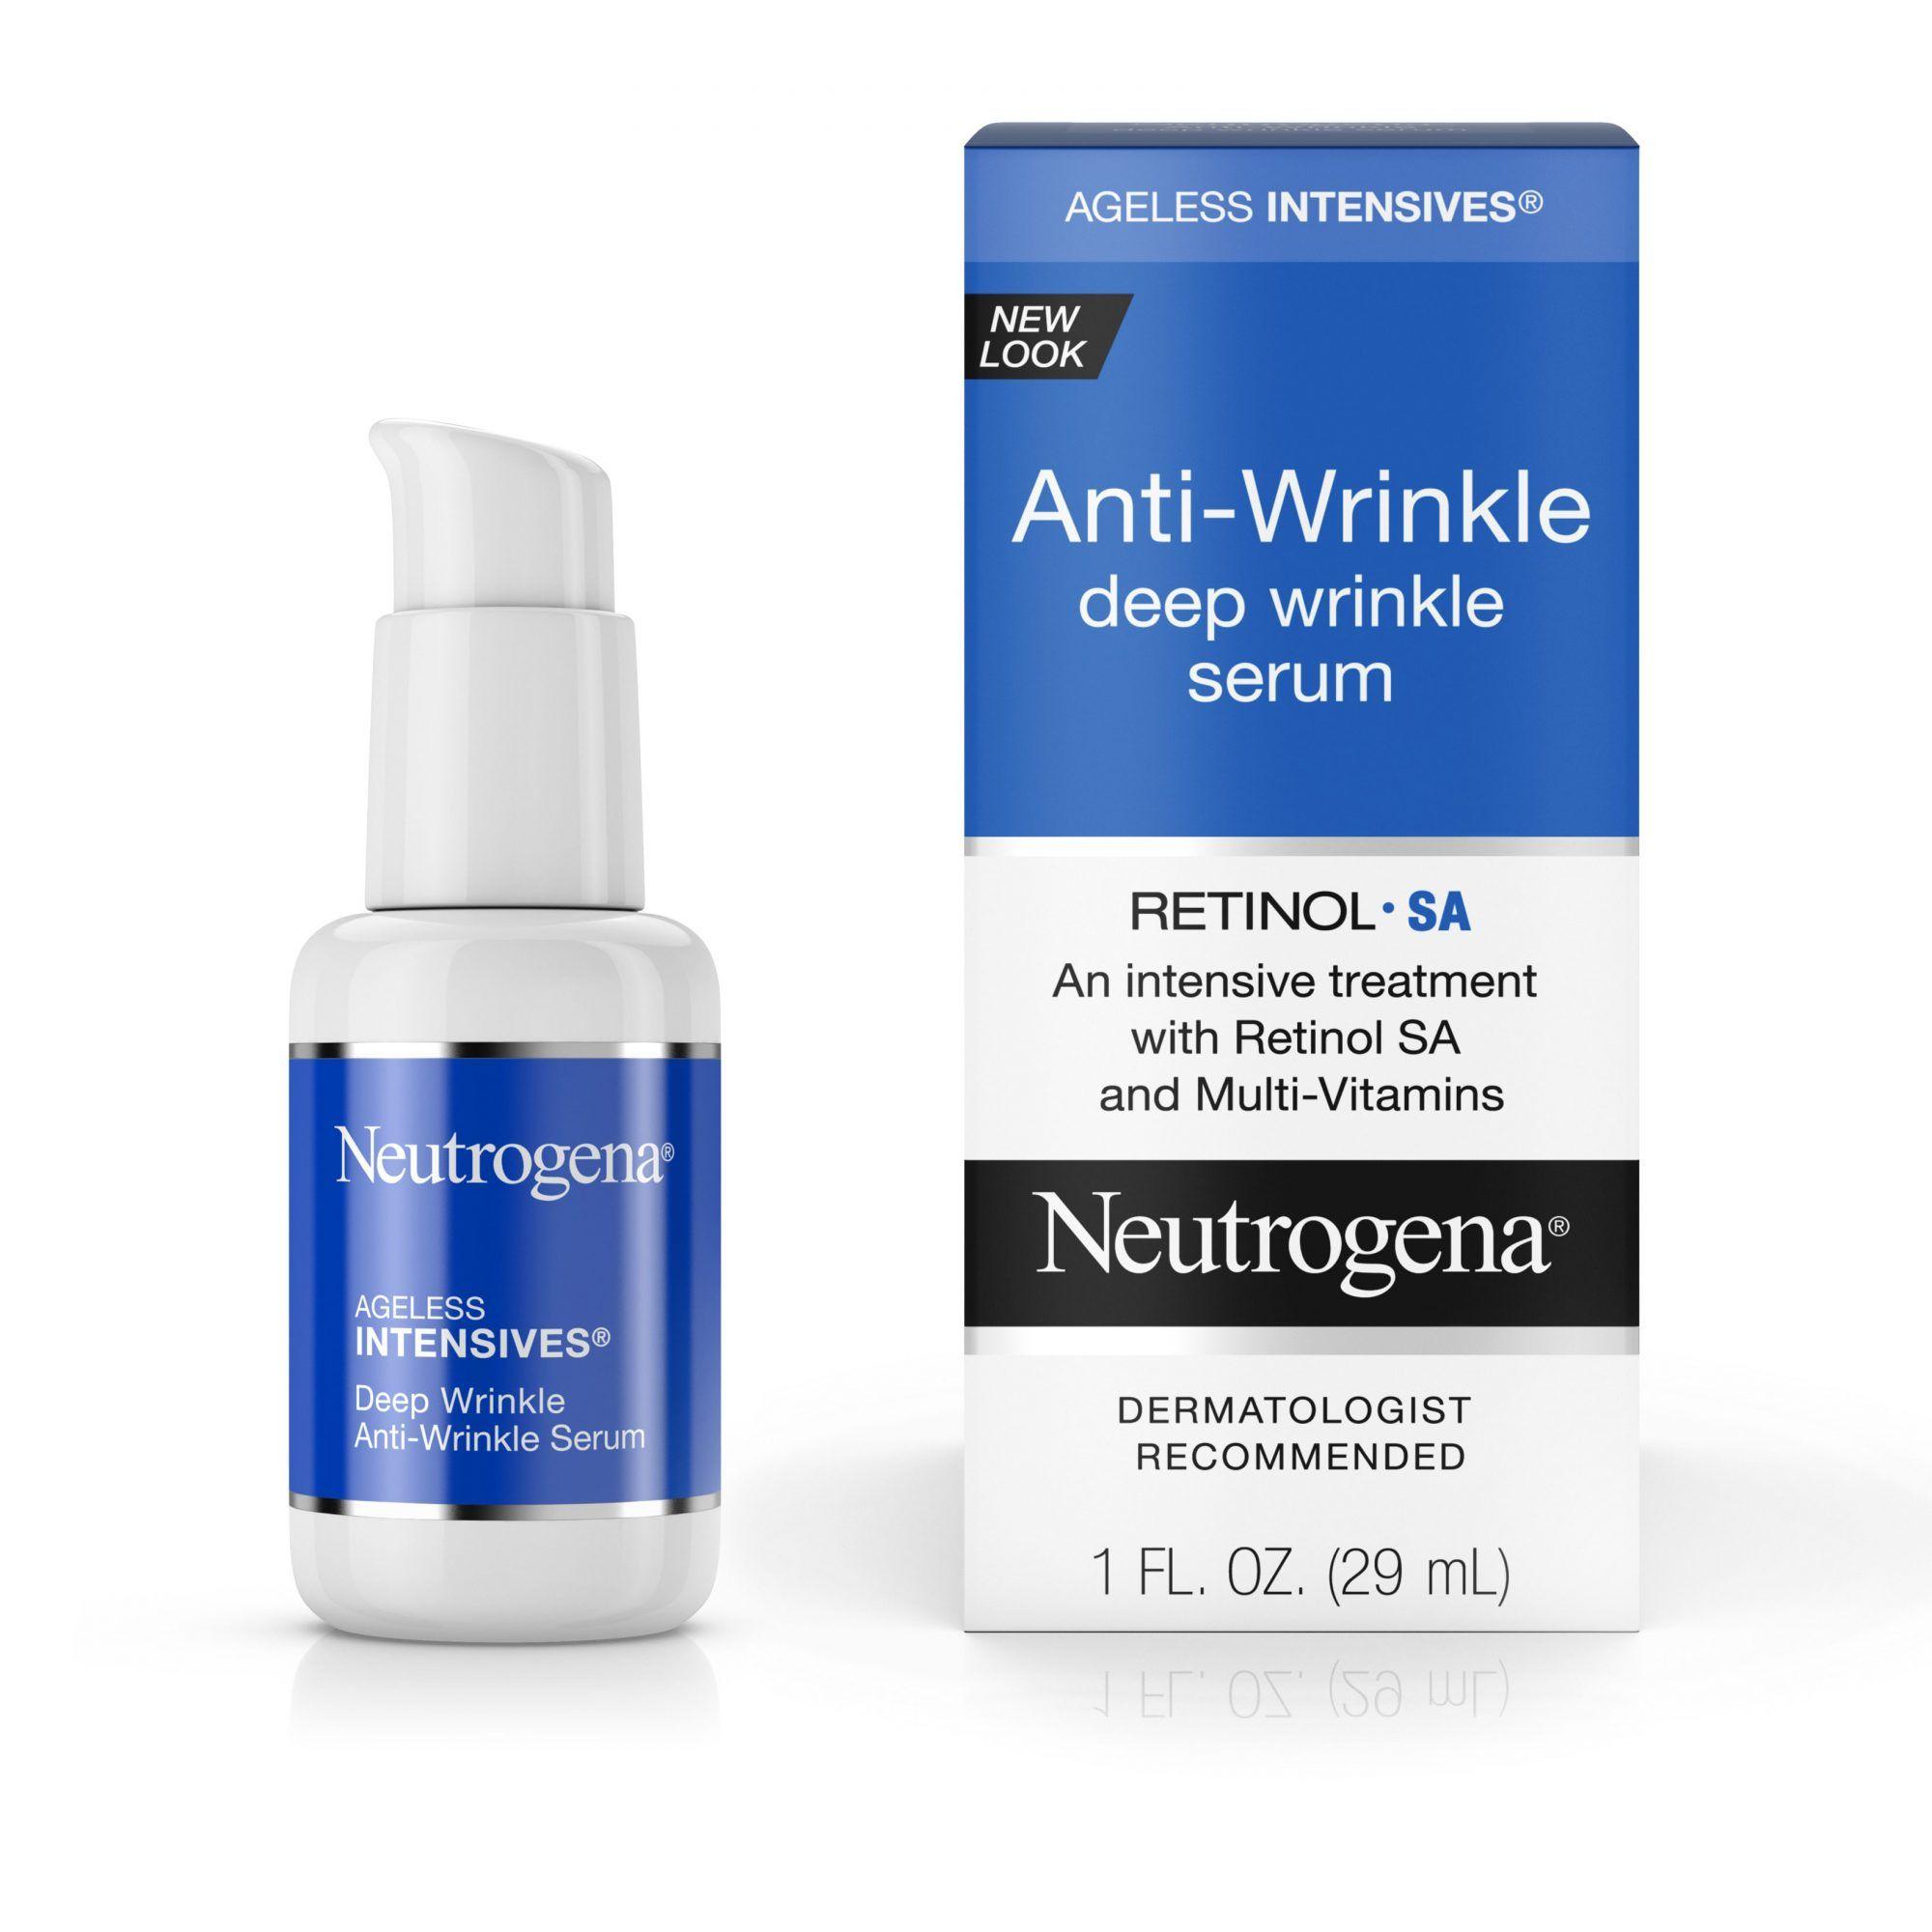 The 15 Best Antiaging Creams And Serums For Aging Gracefully In 2020 Wrinkle Serum Deep Wrinkles Anti Wrinkle Serums